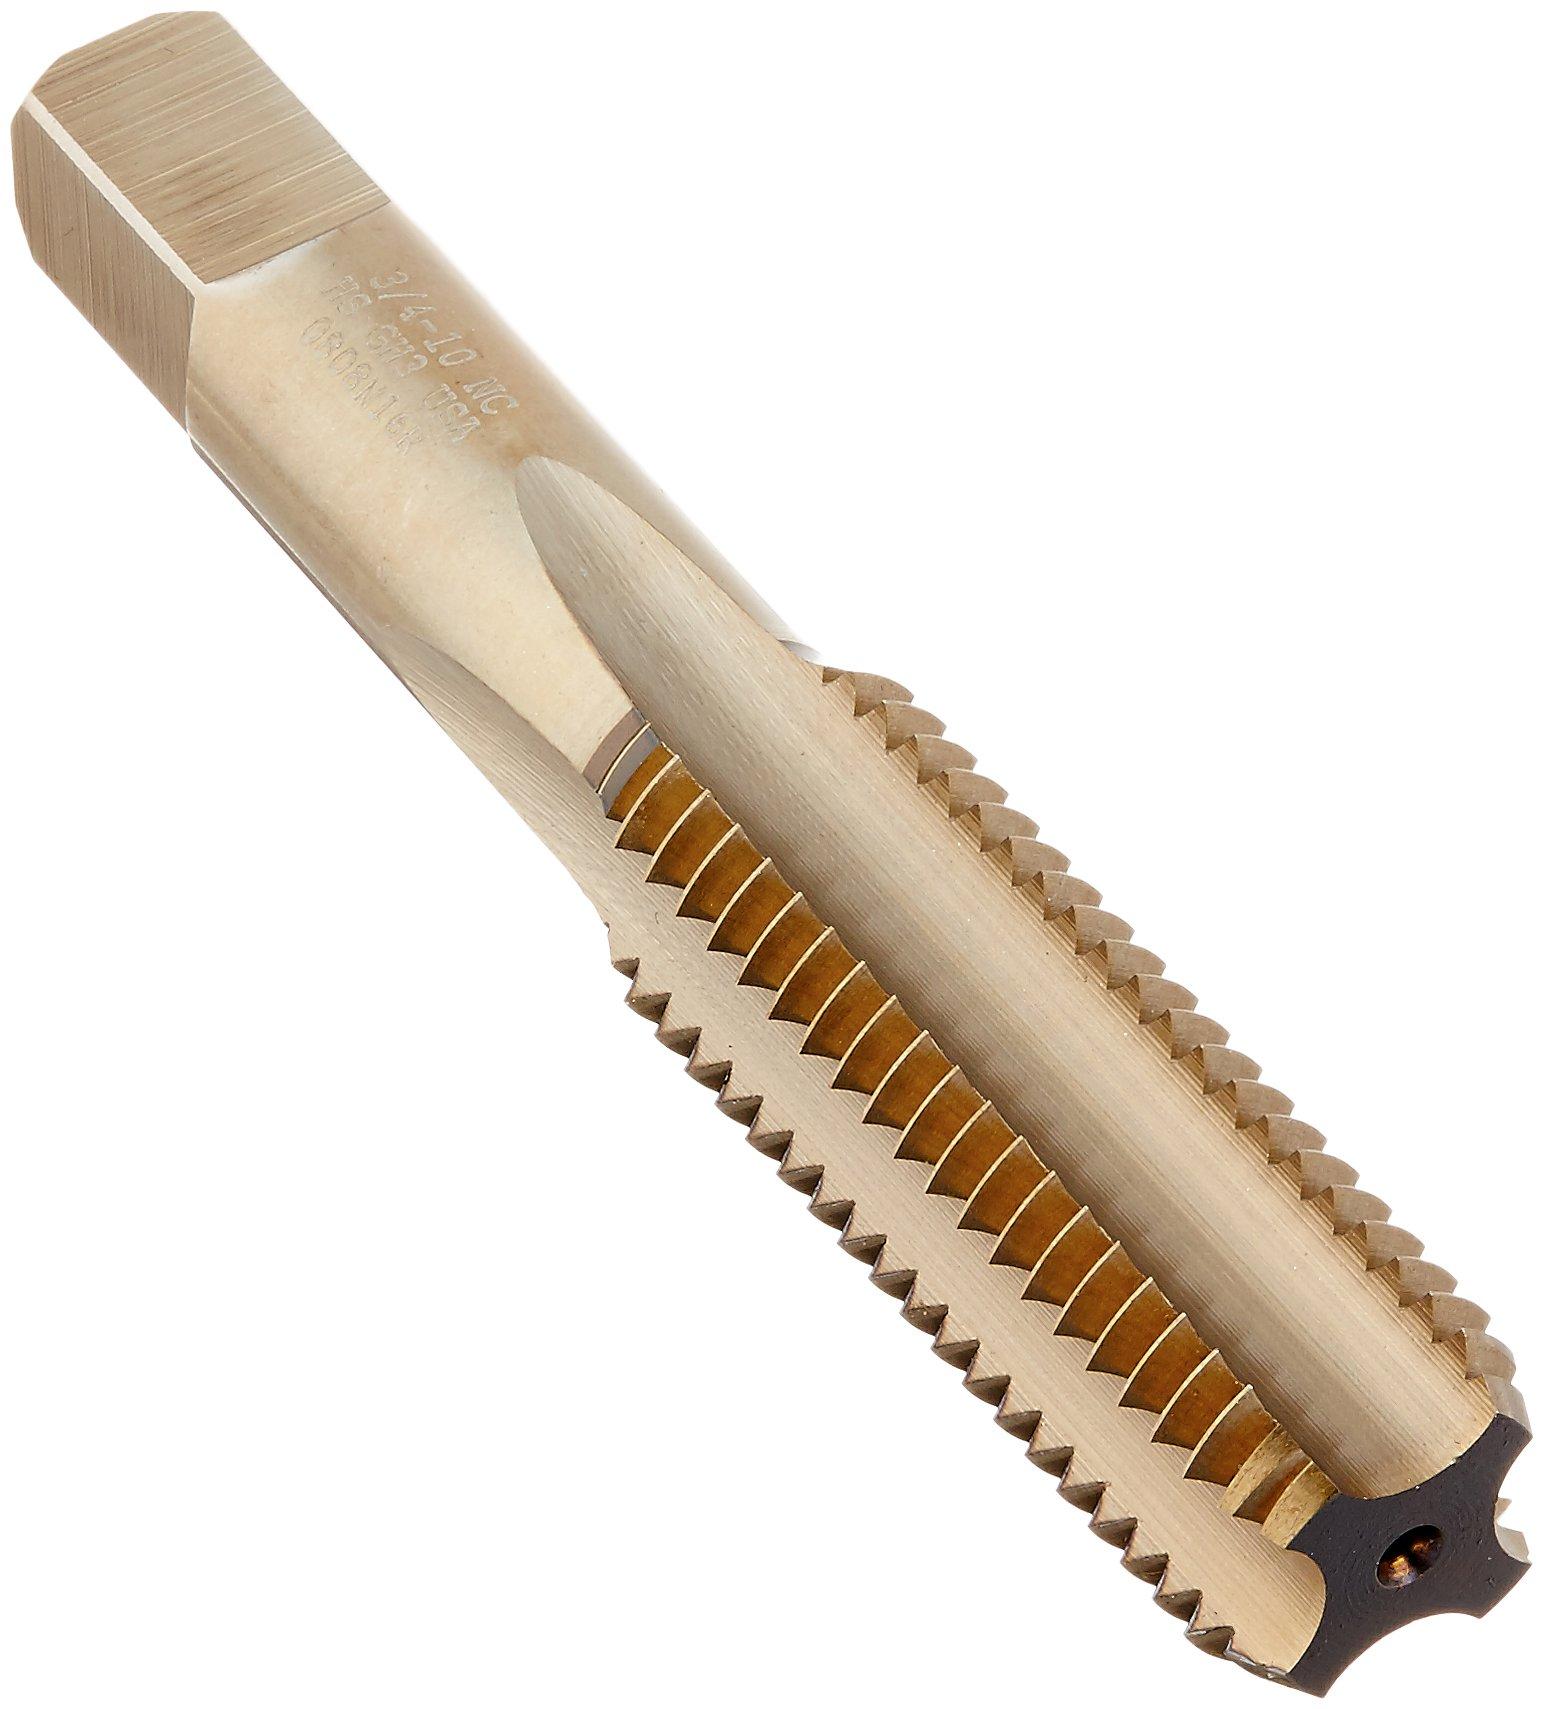 Triumph Twist Drill 71114 3/4-10 NC T61HDB High Speed Steel Bottom Tap Thundertap Bronze Oxide Coated by Triumph Twist Drill